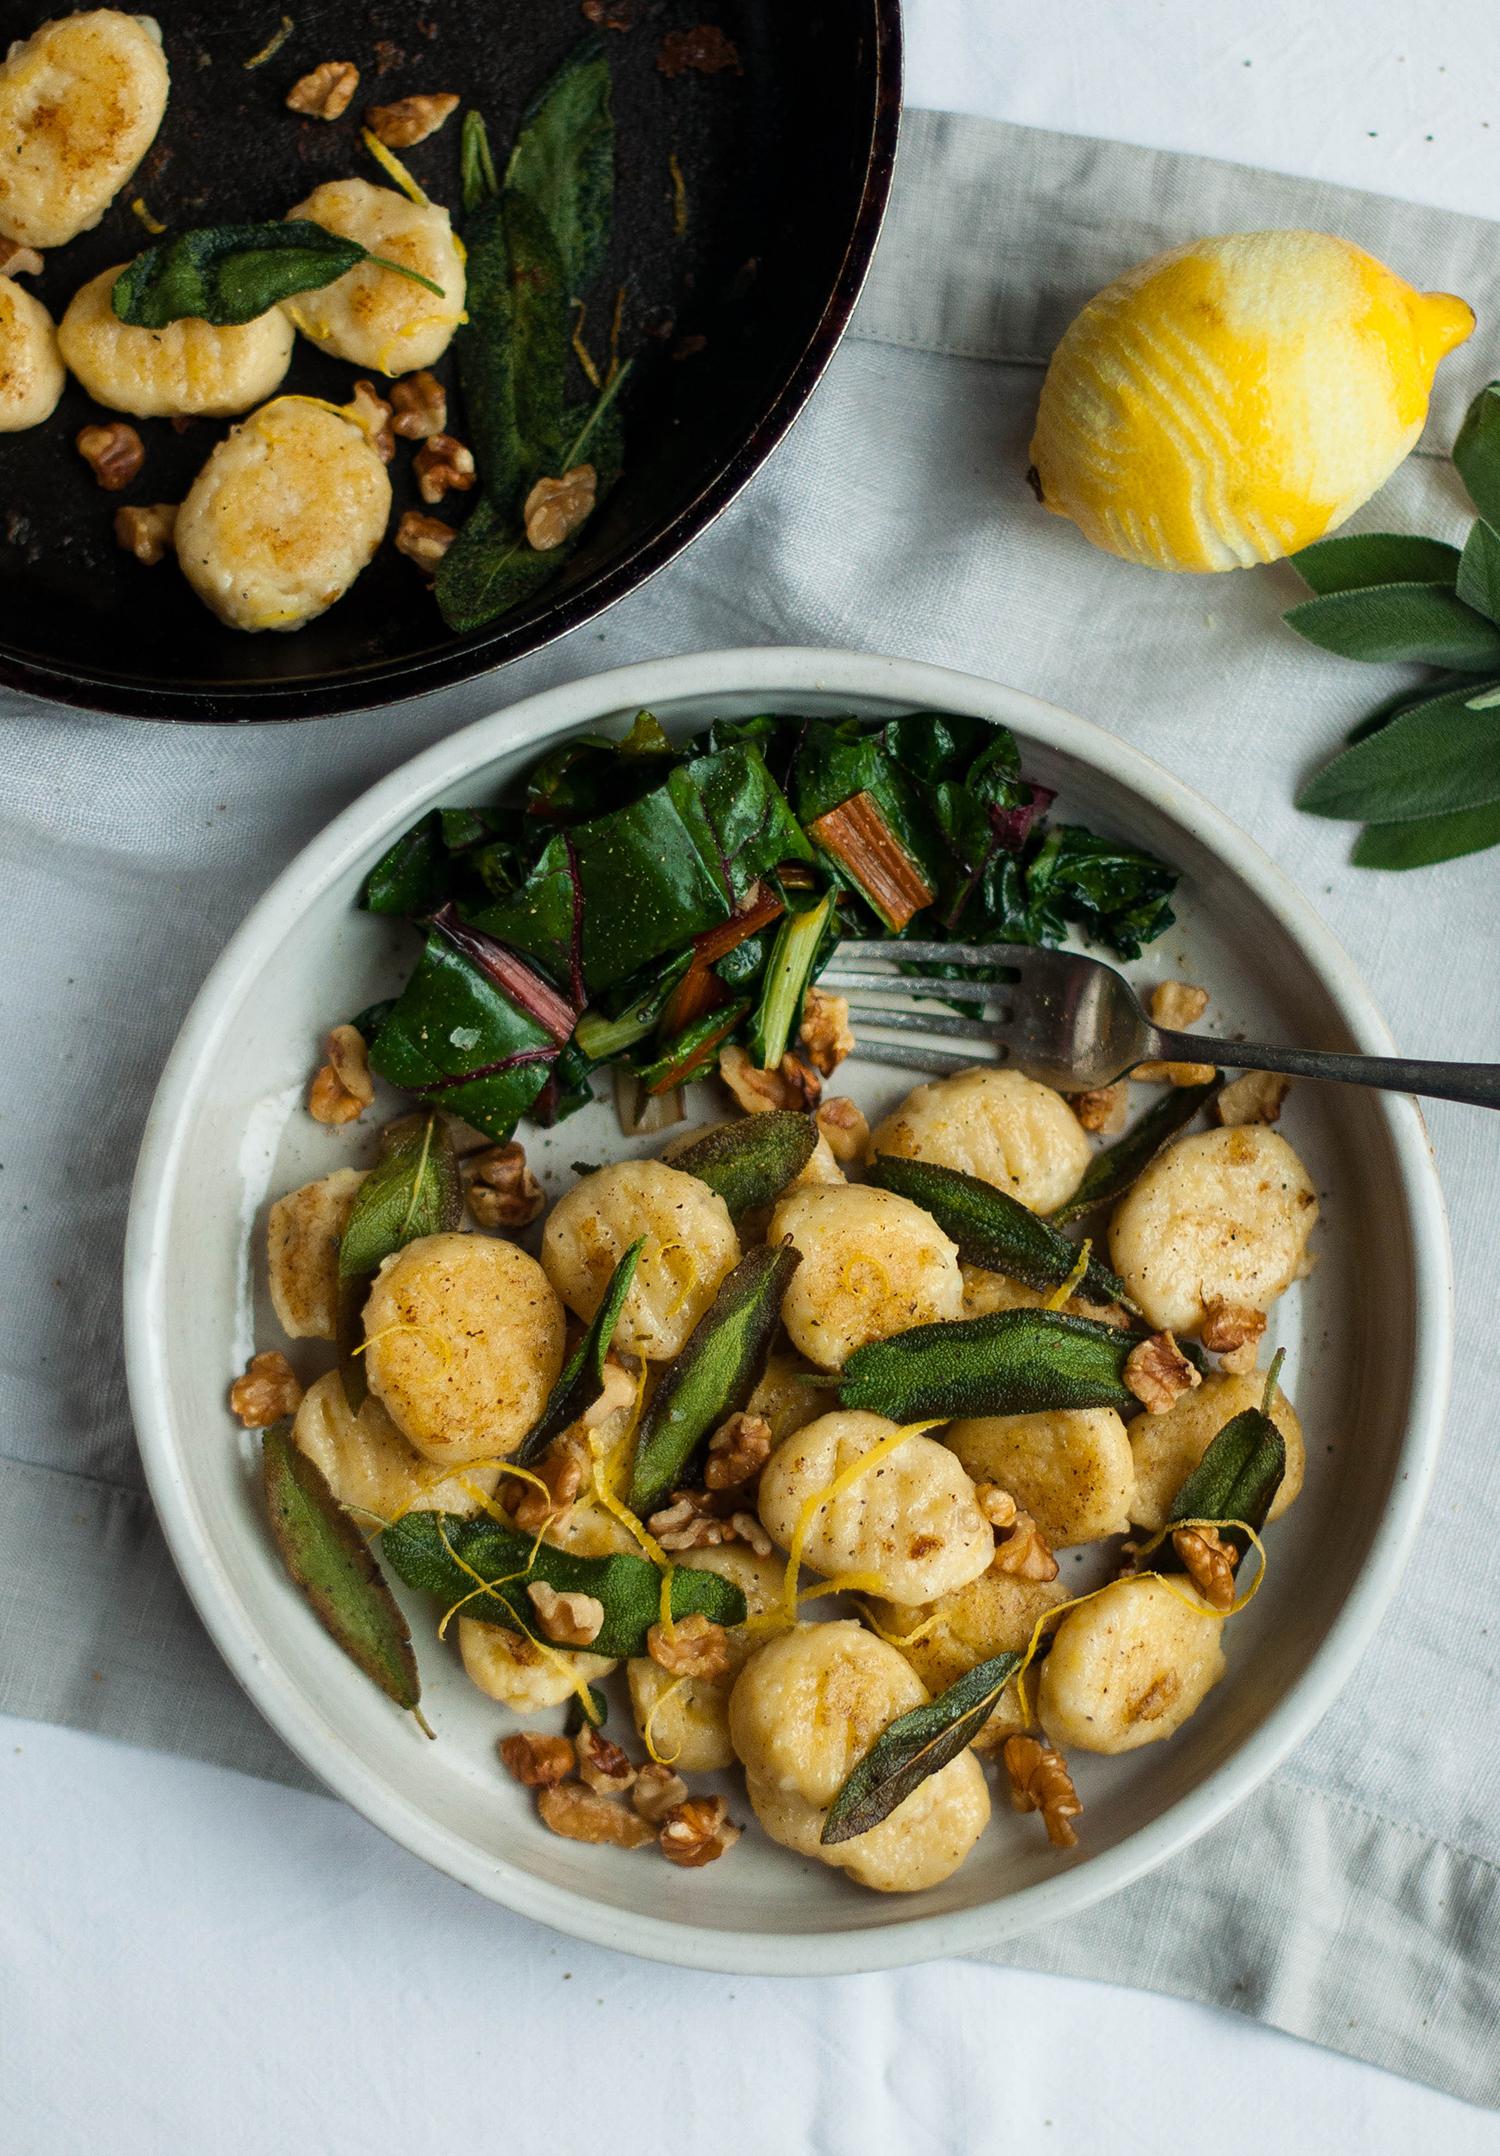 Homemade-gnocchi-potato-parsnip-lea-lou-2